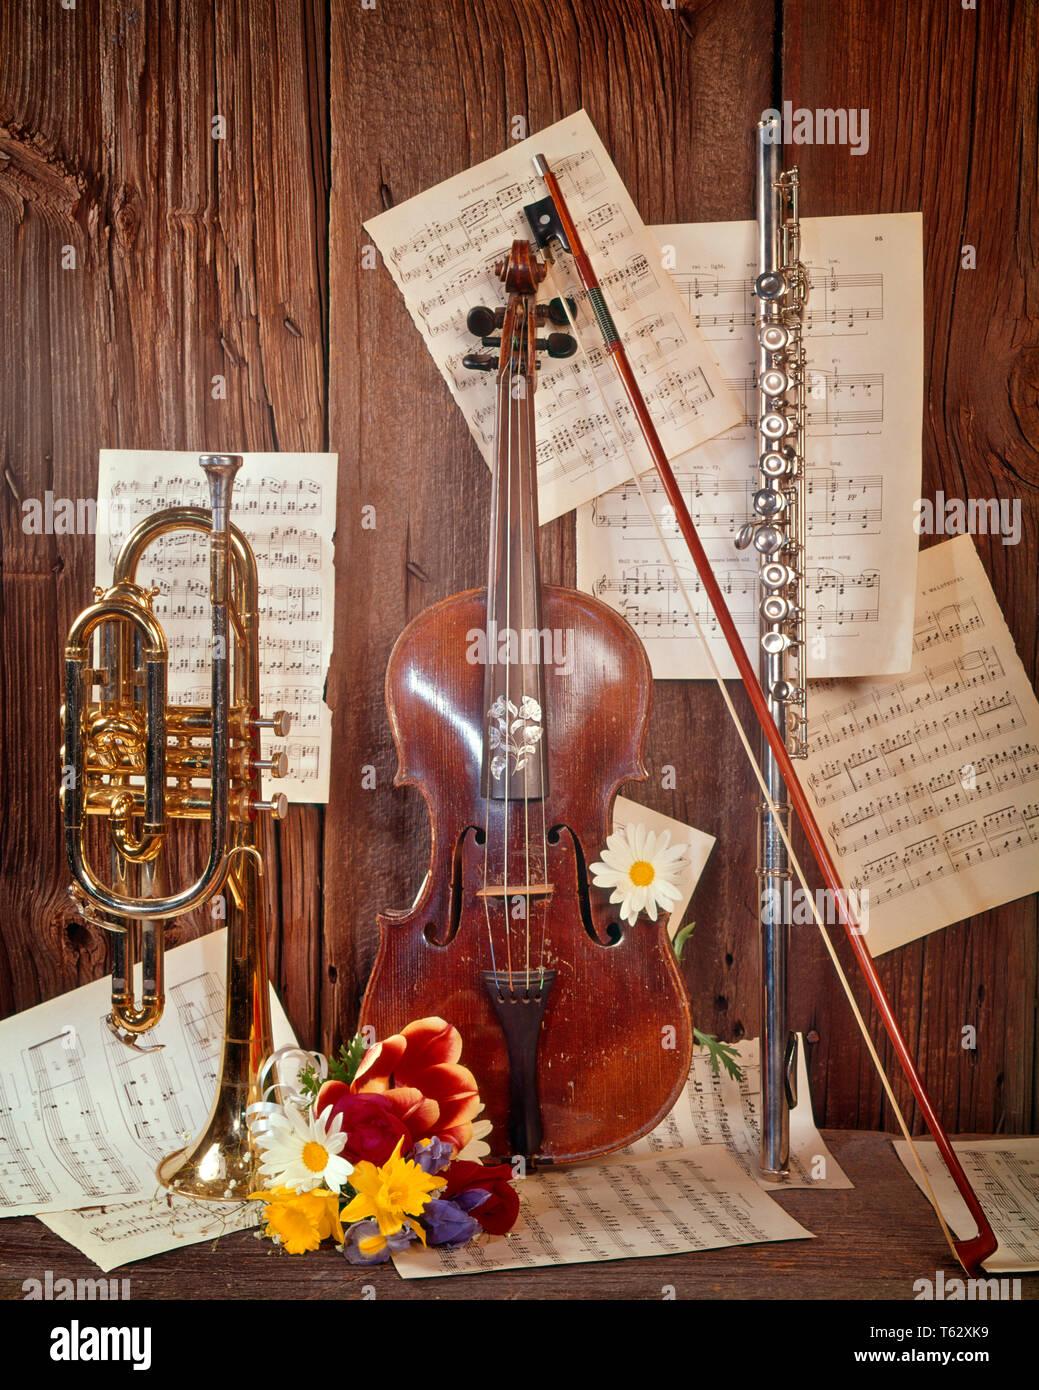 1960 Instruments de musique flûte trompette violon VIE ENCORE PARTITIONS FLEURS - km1924 HAR001 HARS Old Fashioned Photo Stock